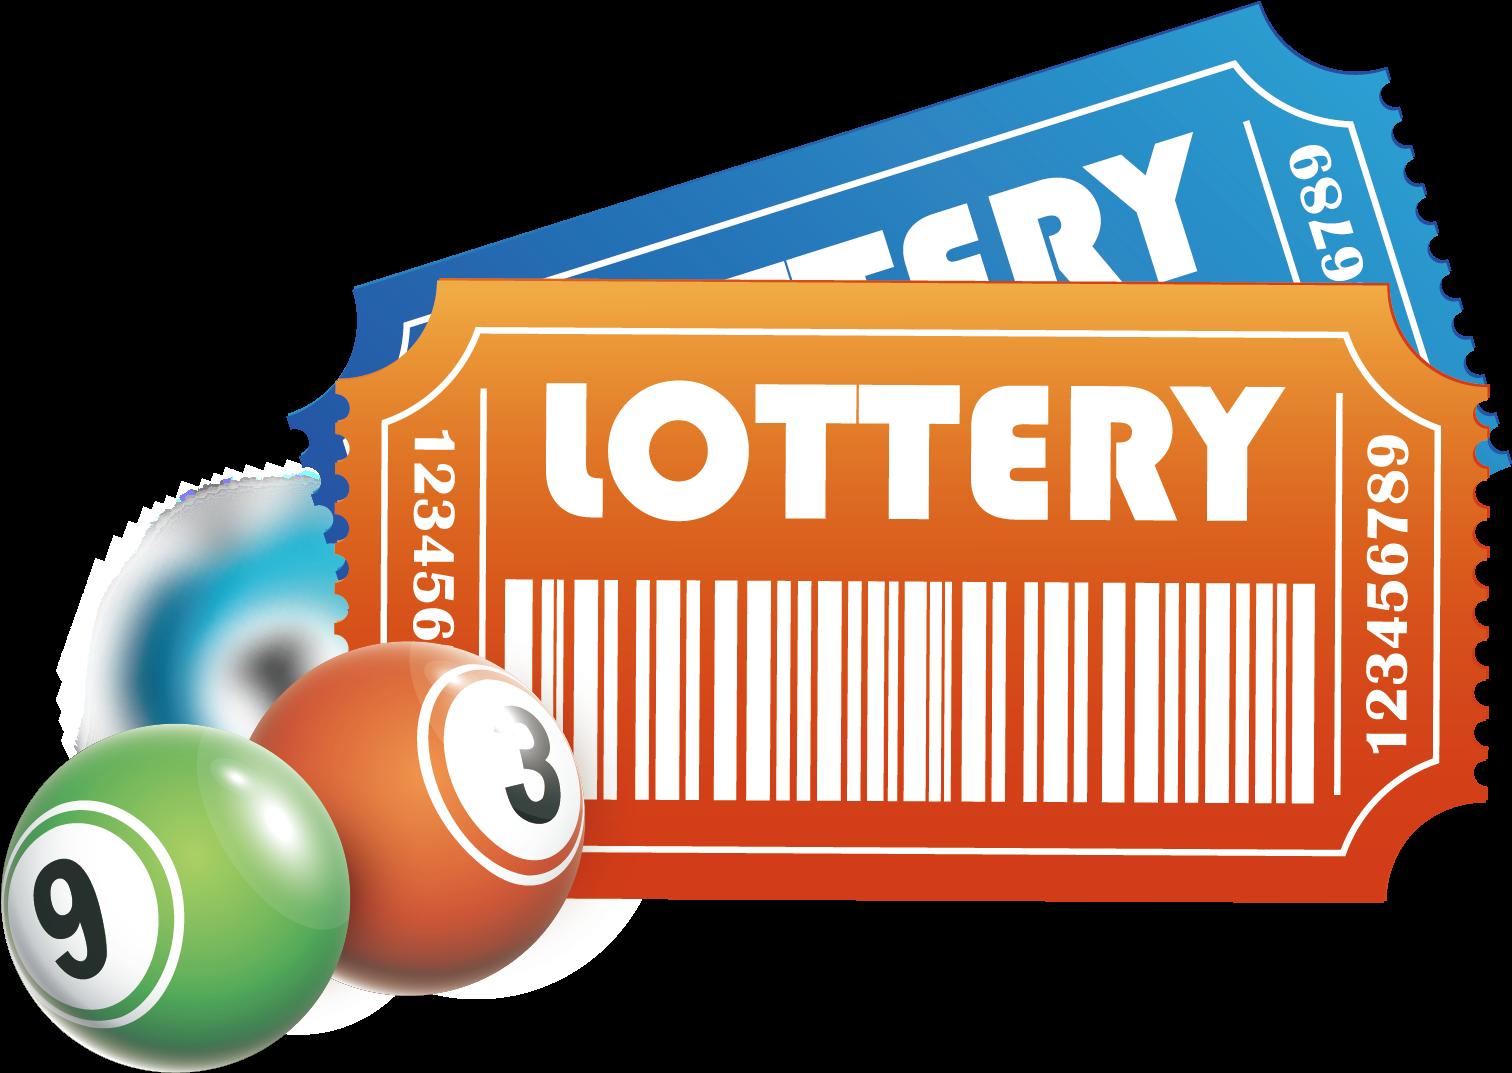 рассказать картинки лотерея с надписью лотерея женщин очень мало